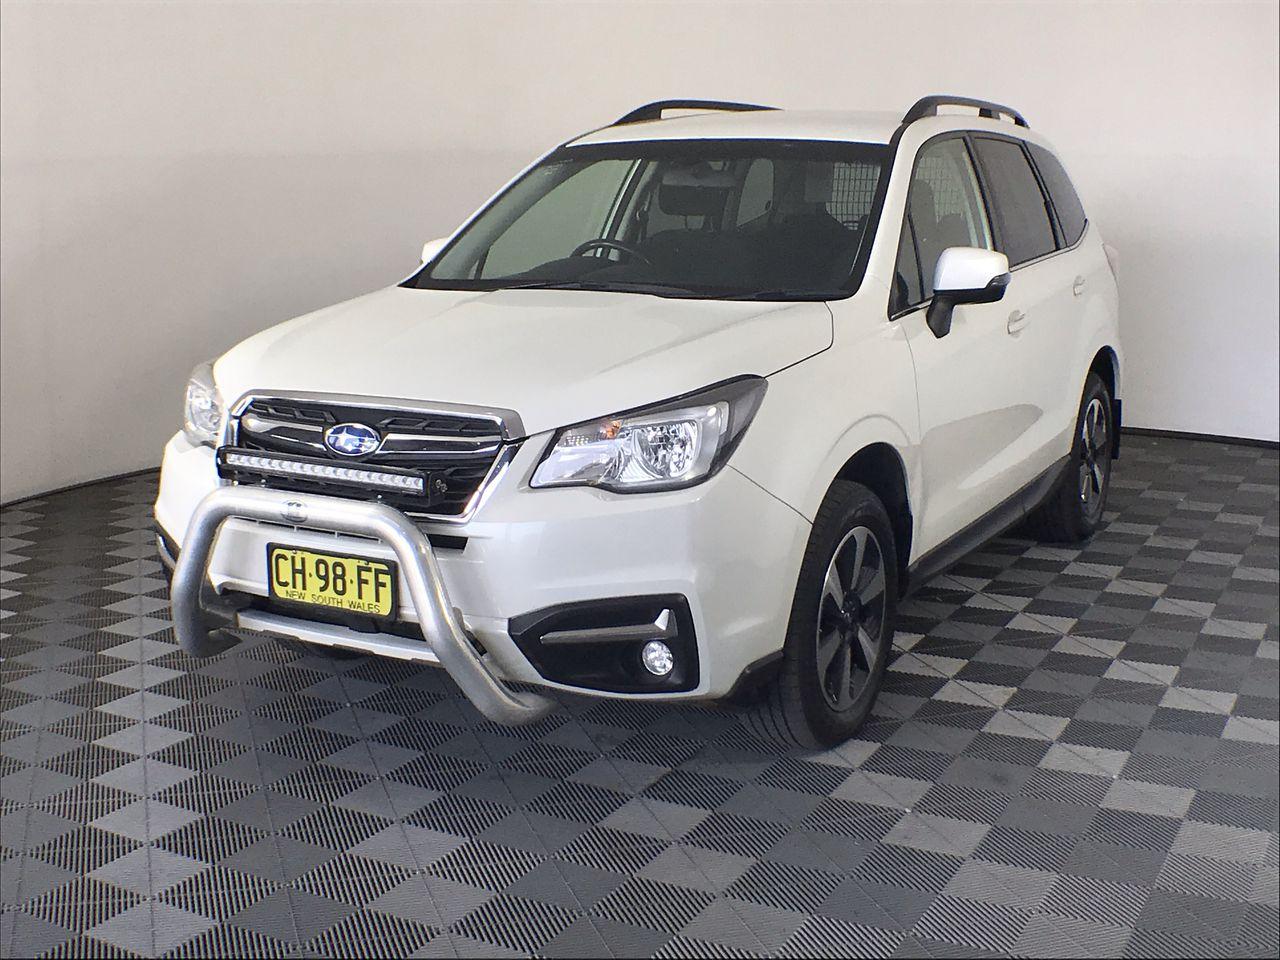 Ex-Government 2016 Subaru Forester 2.0i-L S4 Wagon